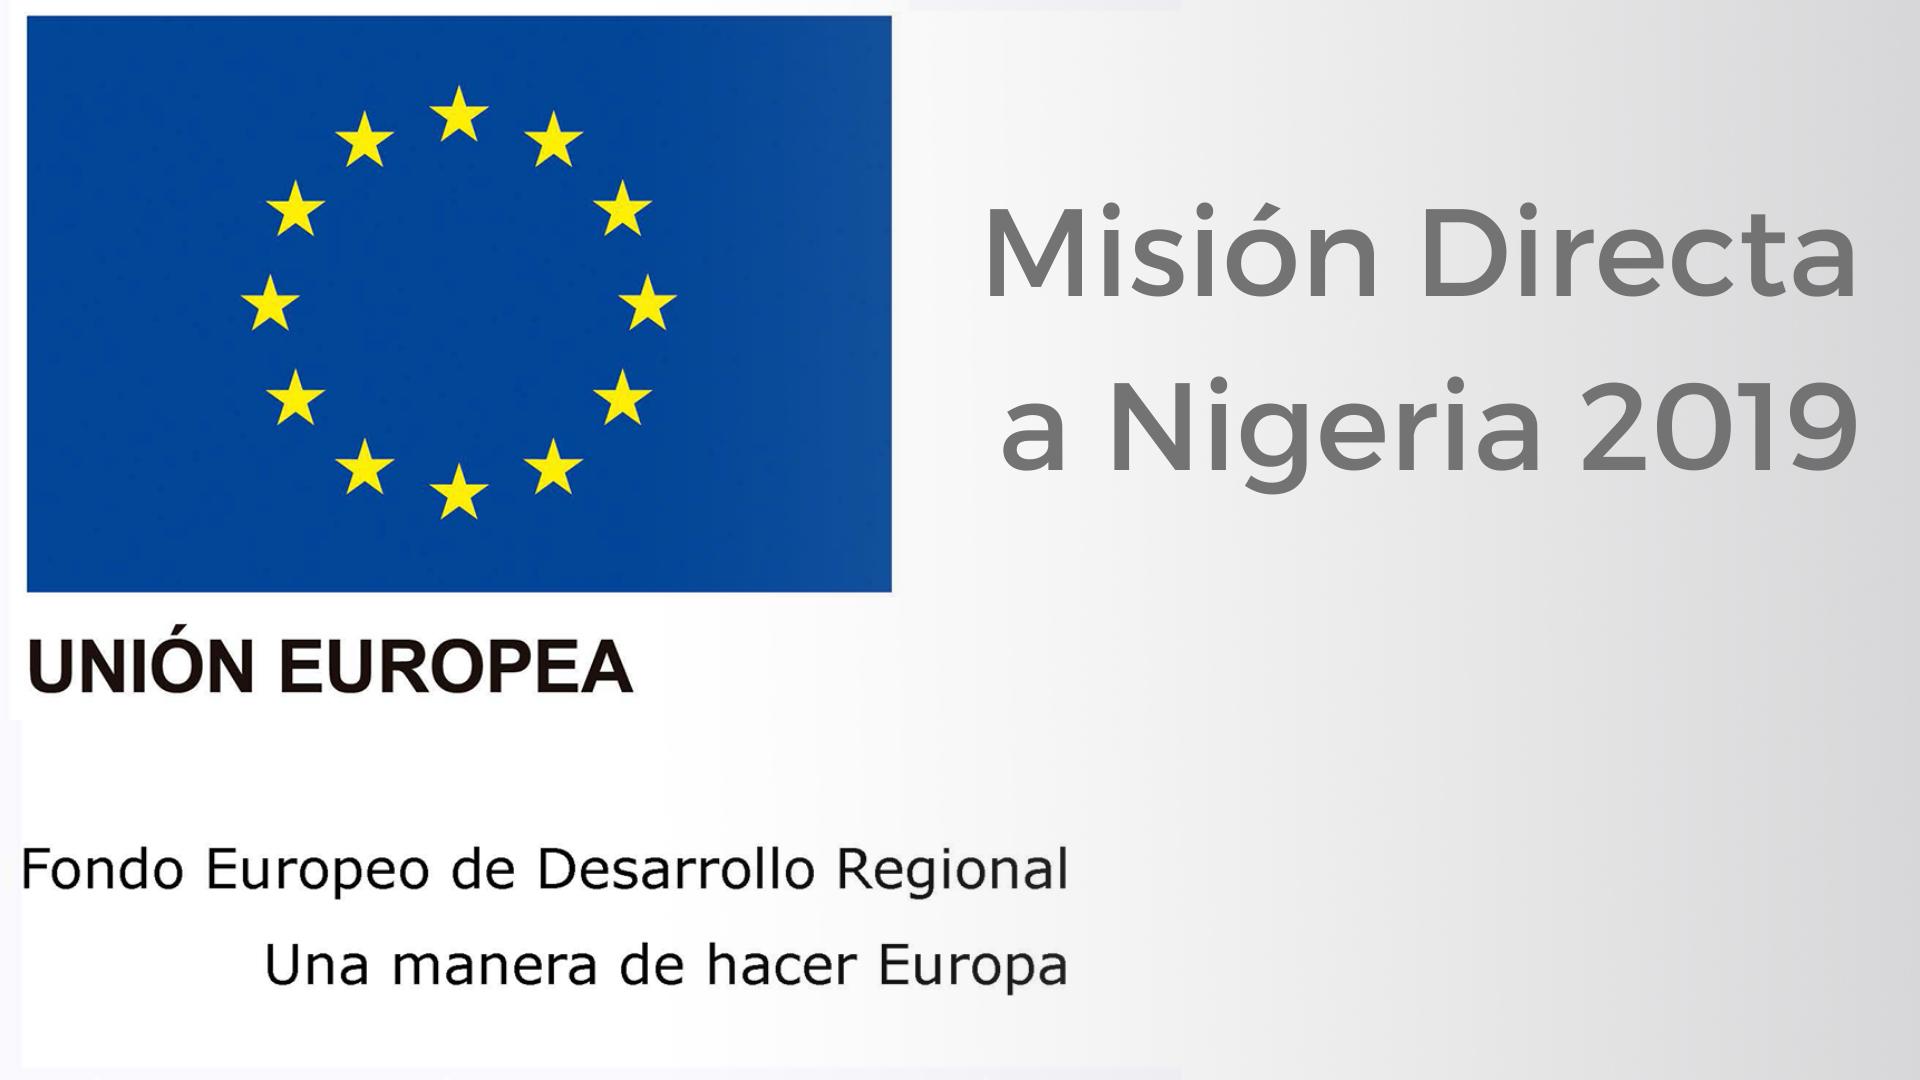 mision directa nigeria 2019